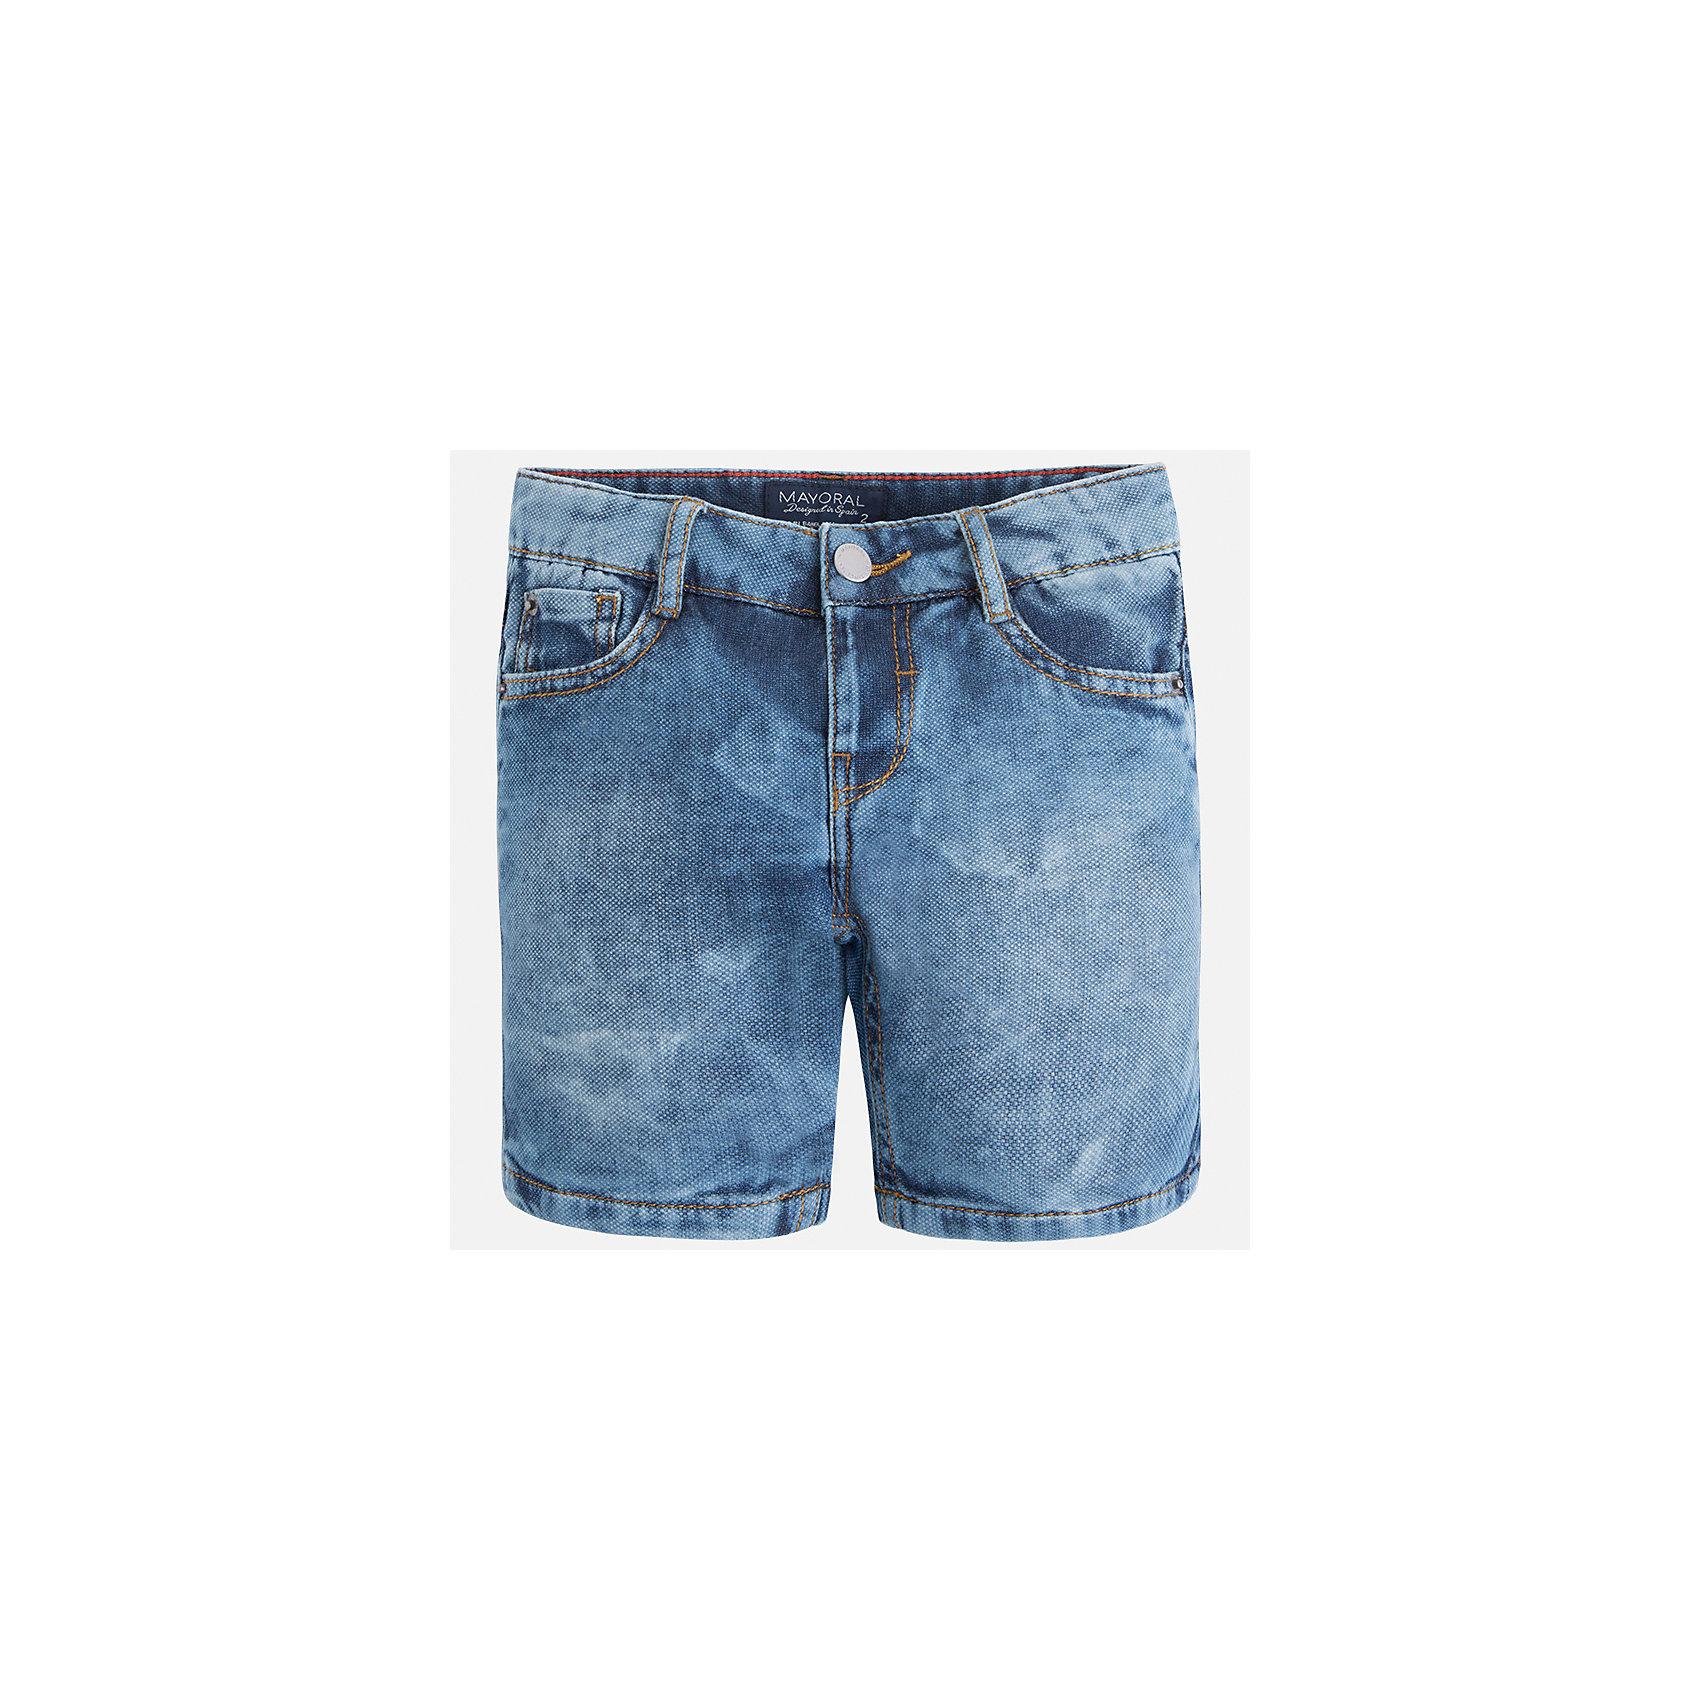 Бриджи джинсовые для мальчика MayoralШорты, бриджи, капри<br>Характеристики товара:<br><br>• цвет: синий<br>• состав: 100% хлопок<br>• шлевки<br>• карманы<br>• пояс с регулировкой объема<br>• имитация потертости<br>• страна бренда: Испания<br><br>Модные бриджи для мальчика смогут стать базовой вещью в гардеробе ребенка. Они отлично сочетаются с майками, футболками, рубашками и т.д. Универсальный крой и цвет позволяет подобрать к вещи верх разных расцветок. Практичное и стильное изделие! В составе материала - натуральный хлопок, гипоаллергенный, приятный на ощупь, дышащий.<br><br>Одежда, обувь и аксессуары от испанского бренда Mayoral полюбились детям и взрослым по всему миру. Модели этой марки - стильные и удобные. Для их производства используются только безопасные, качественные материалы и фурнитура. Порадуйте ребенка модными и красивыми вещами от Mayoral! <br><br>Бриджи для мальчика от испанского бренда Mayoral (Майорал) можно купить в нашем интернет-магазине.<br><br>Ширина мм: 191<br>Глубина мм: 10<br>Высота мм: 175<br>Вес г: 273<br>Цвет: голубой<br>Возраст от месяцев: 48<br>Возраст до месяцев: 60<br>Пол: Мужской<br>Возраст: Детский<br>Размер: 110,116,104,92,98,134,128,122<br>SKU: 5272603